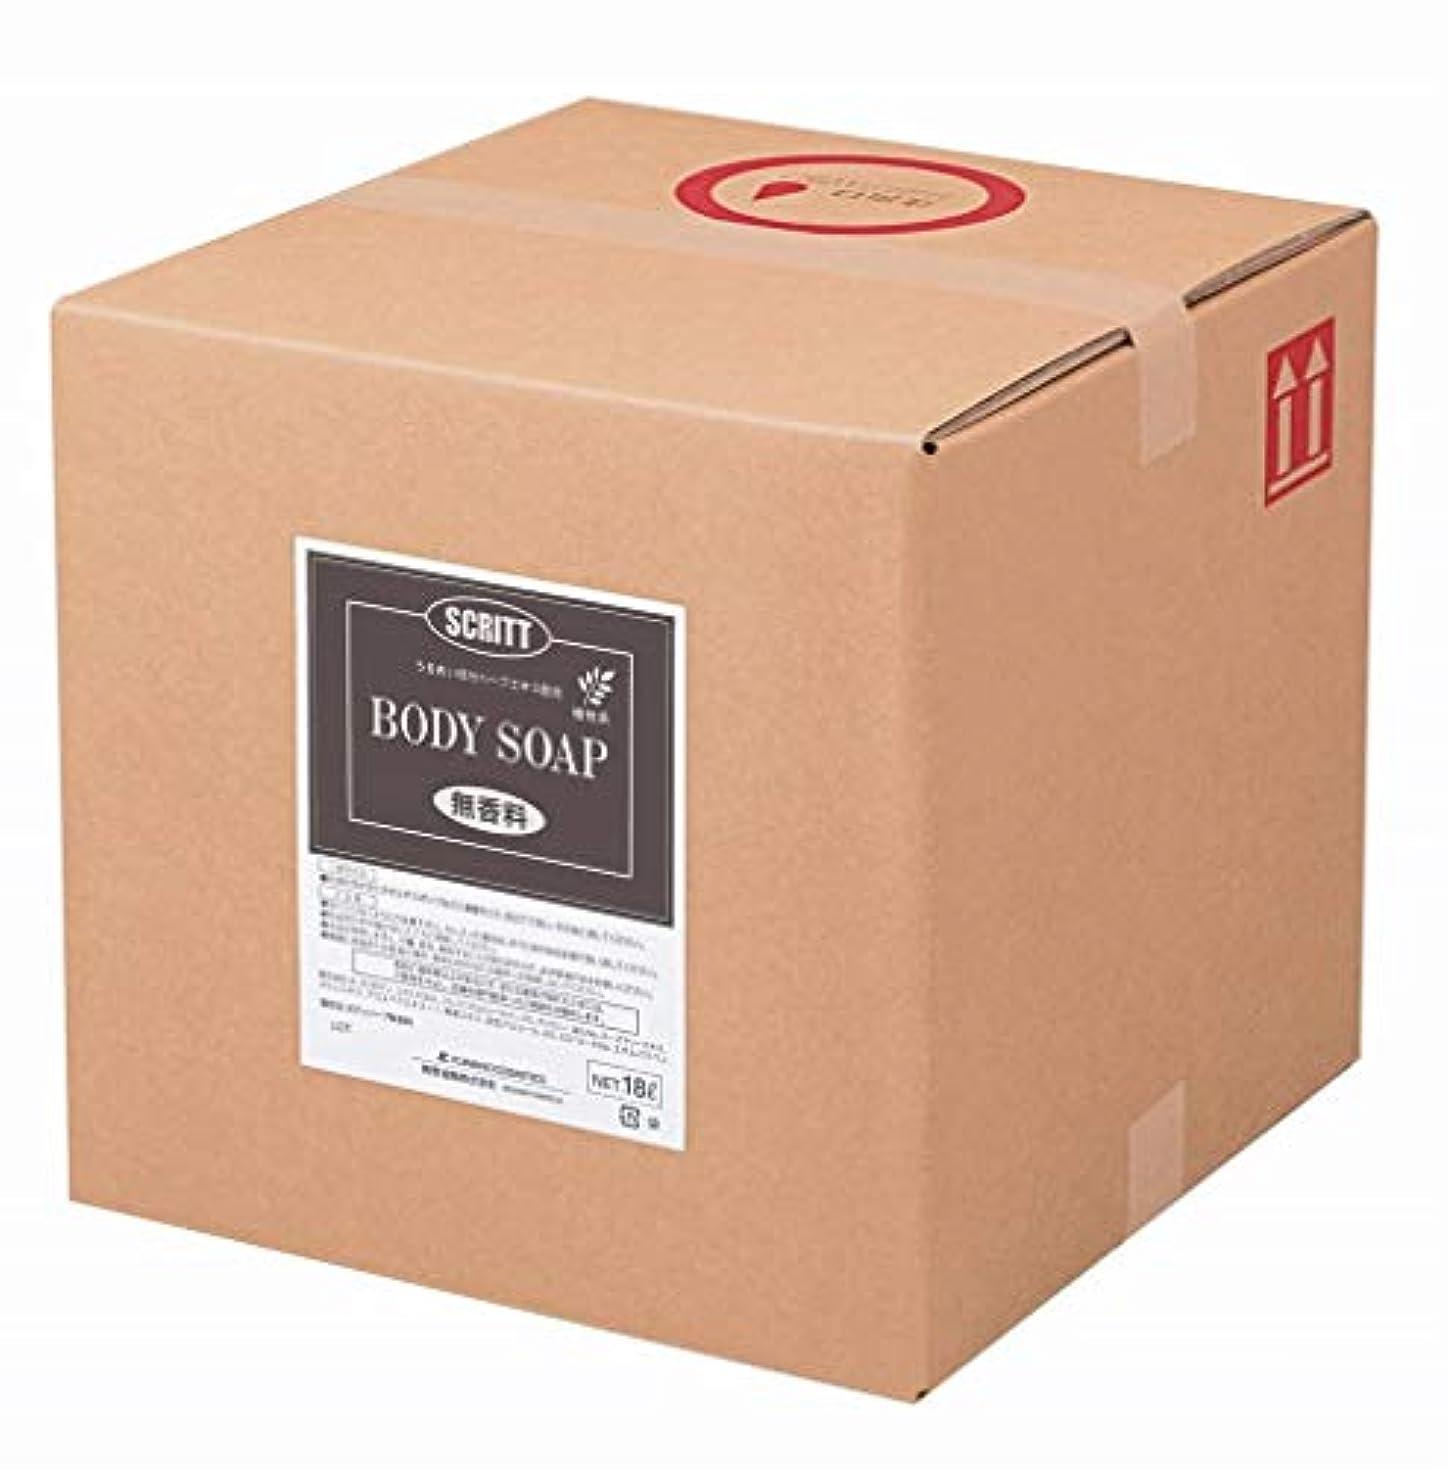 キュービック汚れる肥沃な業務用 SCRITT(スクリット)無香料ボディソープ 18L 熊野油脂 (コック無し)